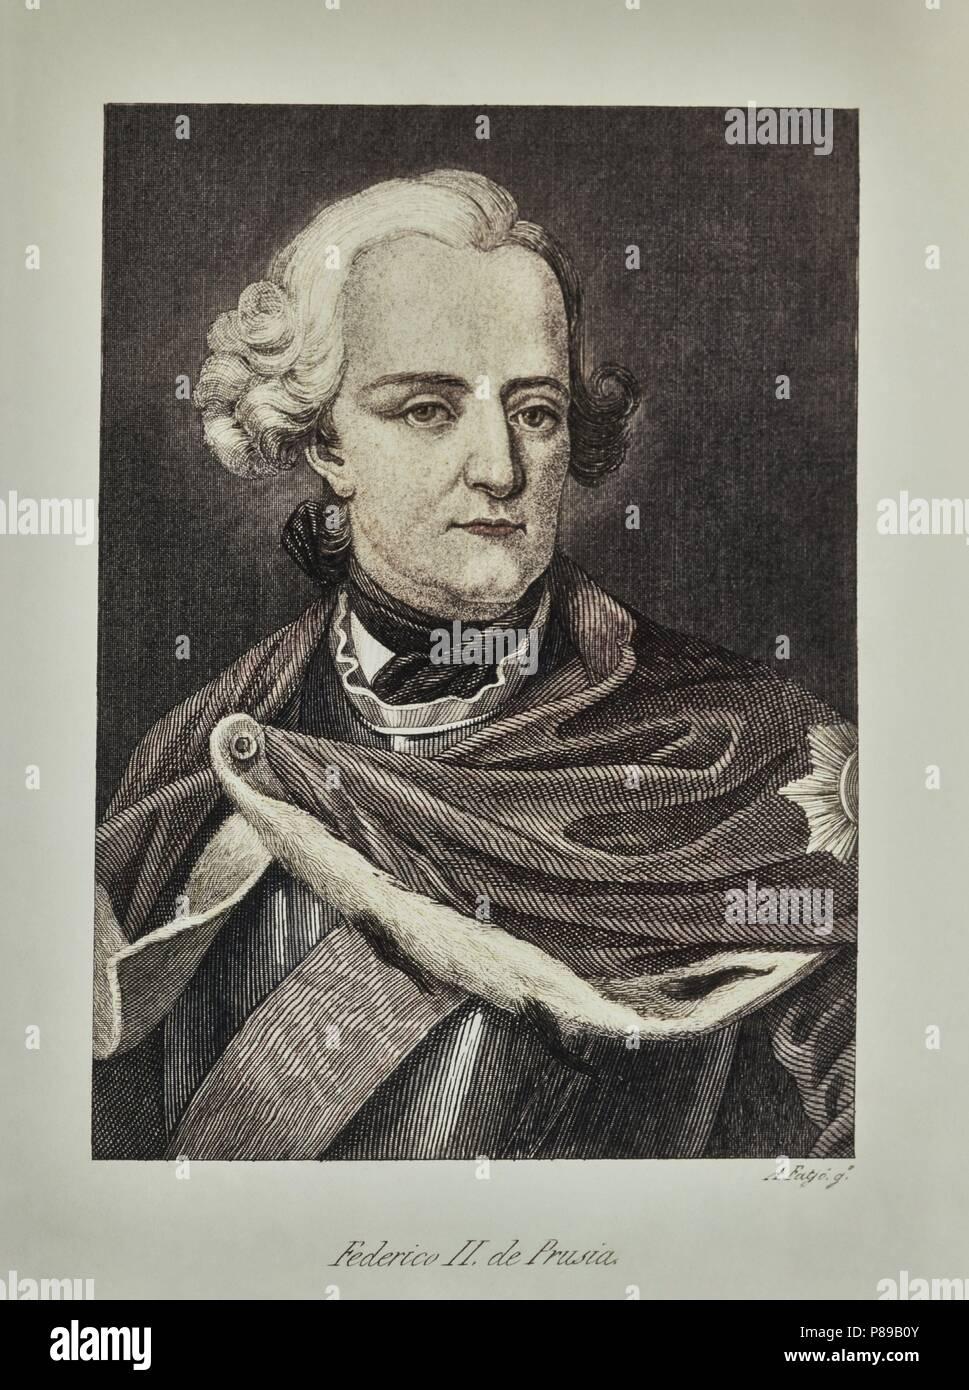 CASA REAL ALEMANA. Retrato de FEDERICO II de Prusia (1712-1786). Colección particular, Madrid. - Stock Image